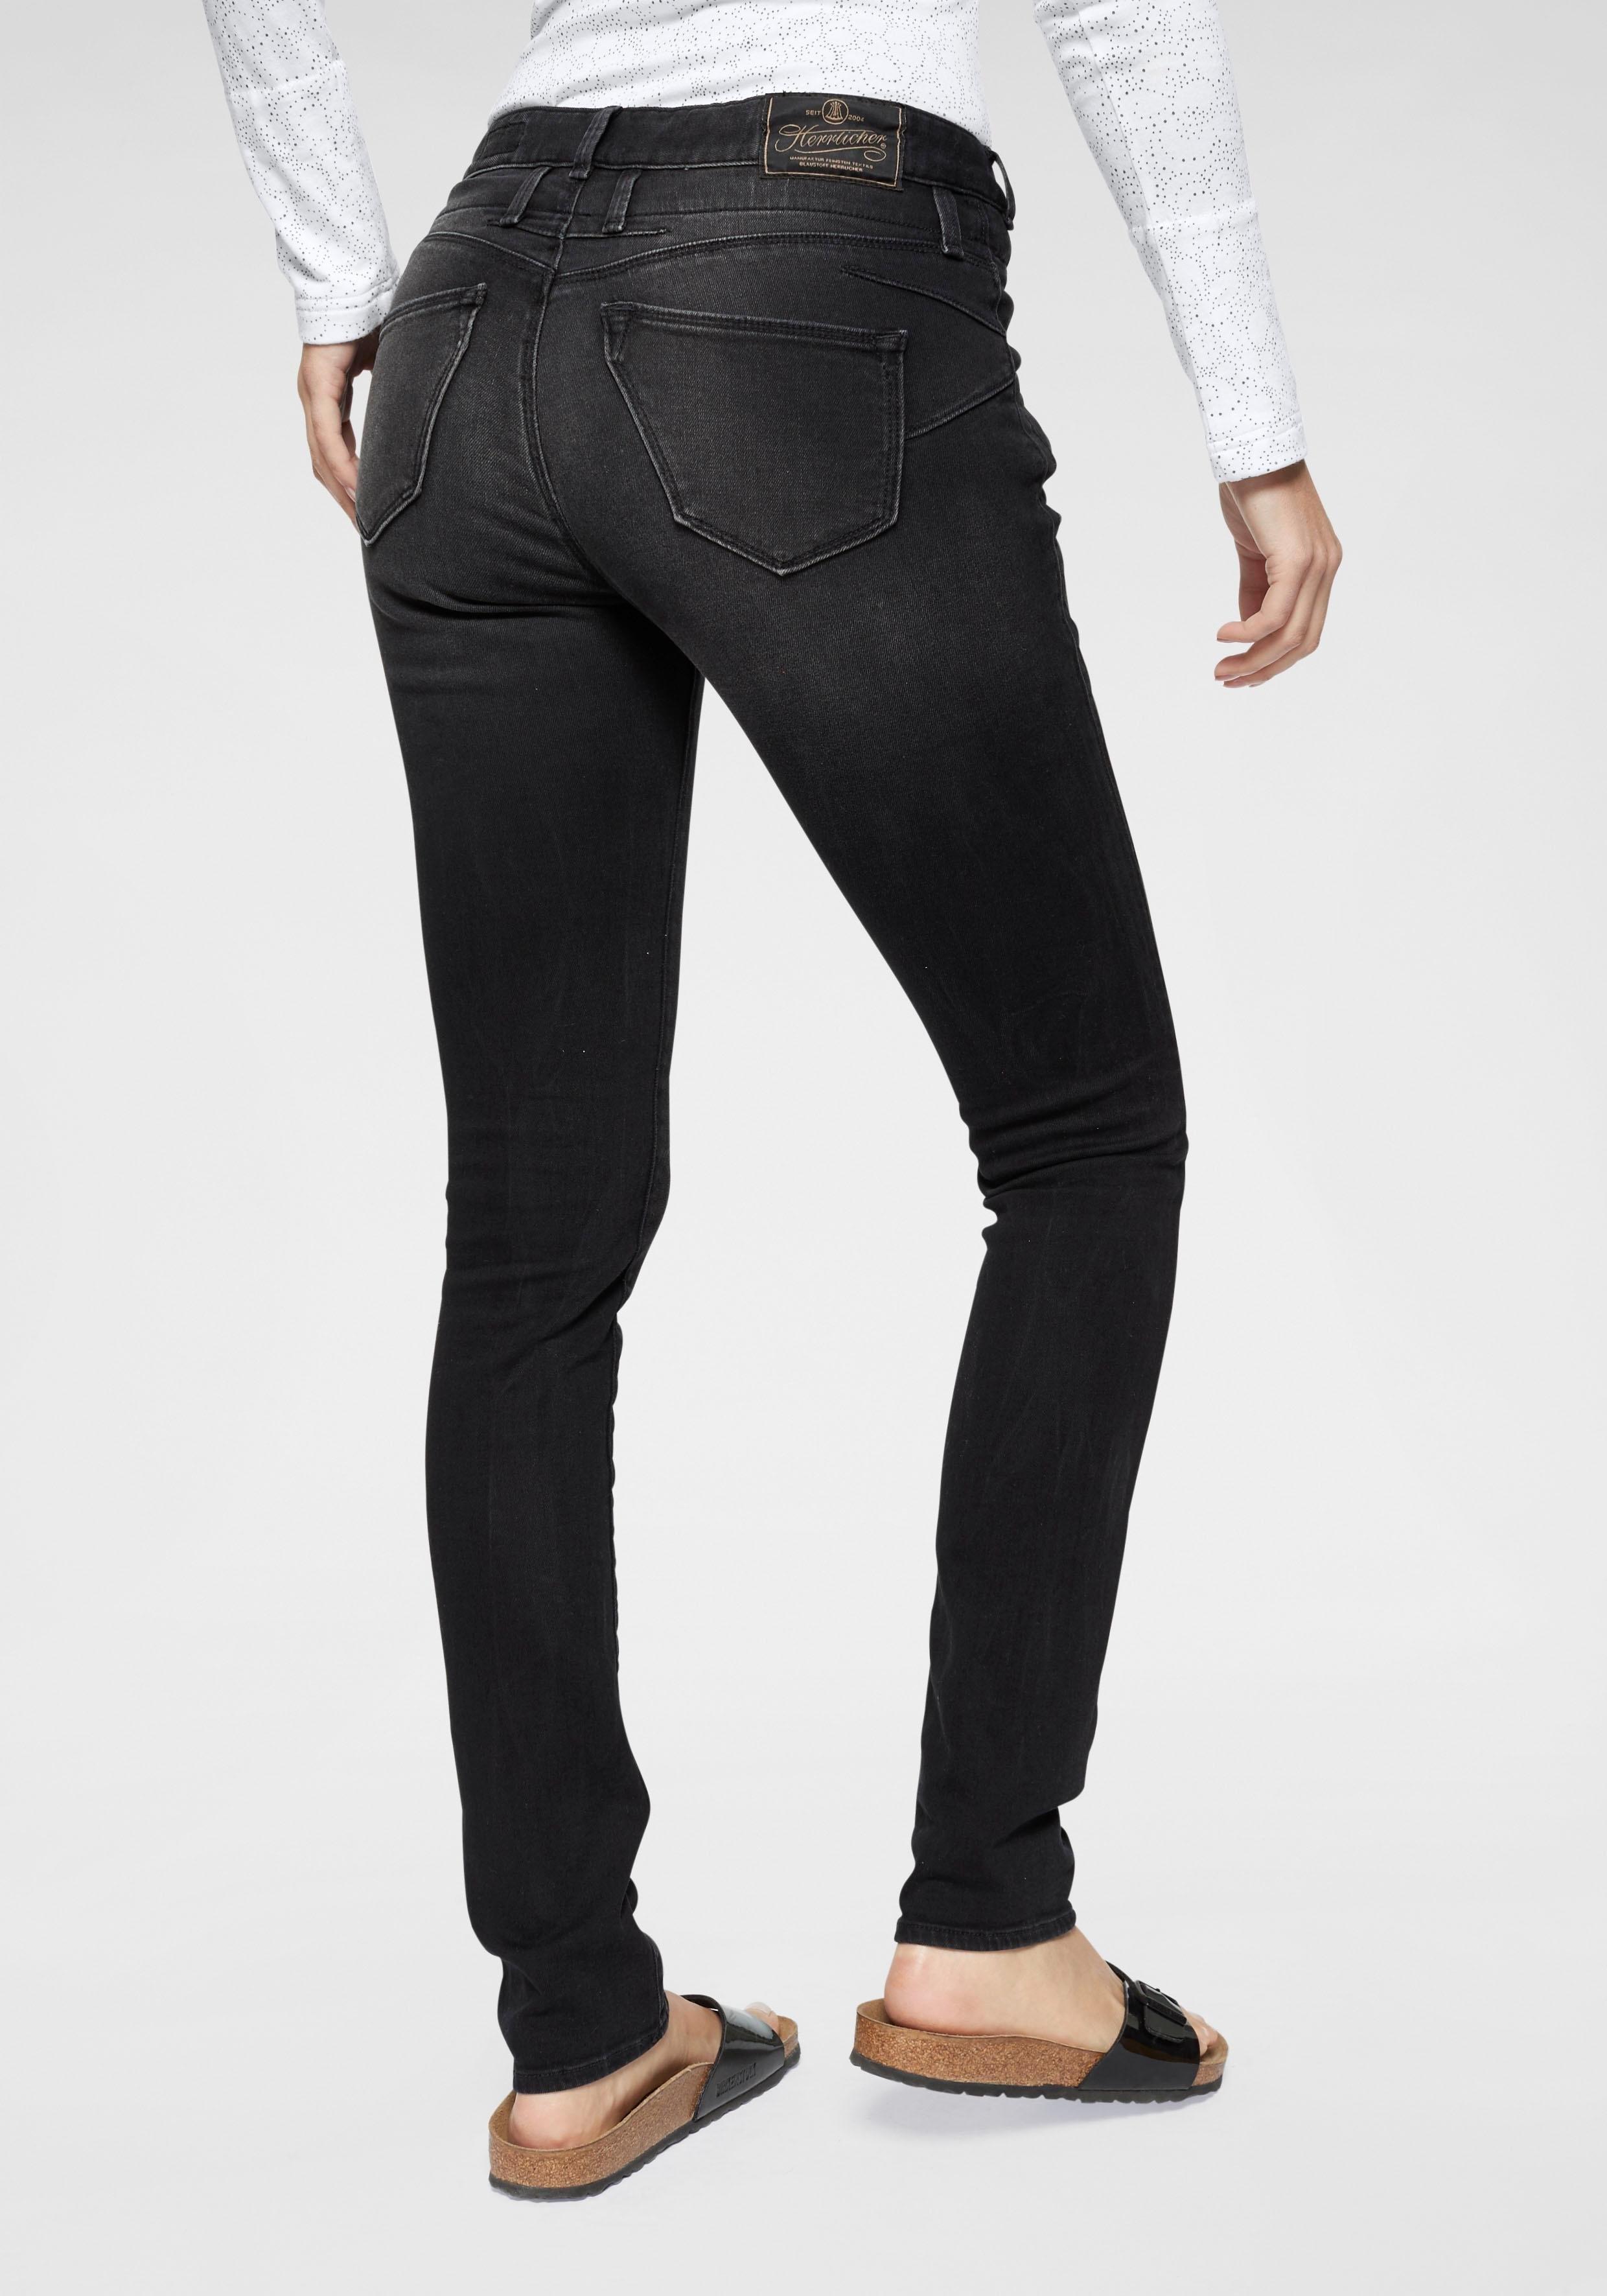 Herrlicher skinny jeans »Baby Slim« bestellen: 14 dagen bedenktijd